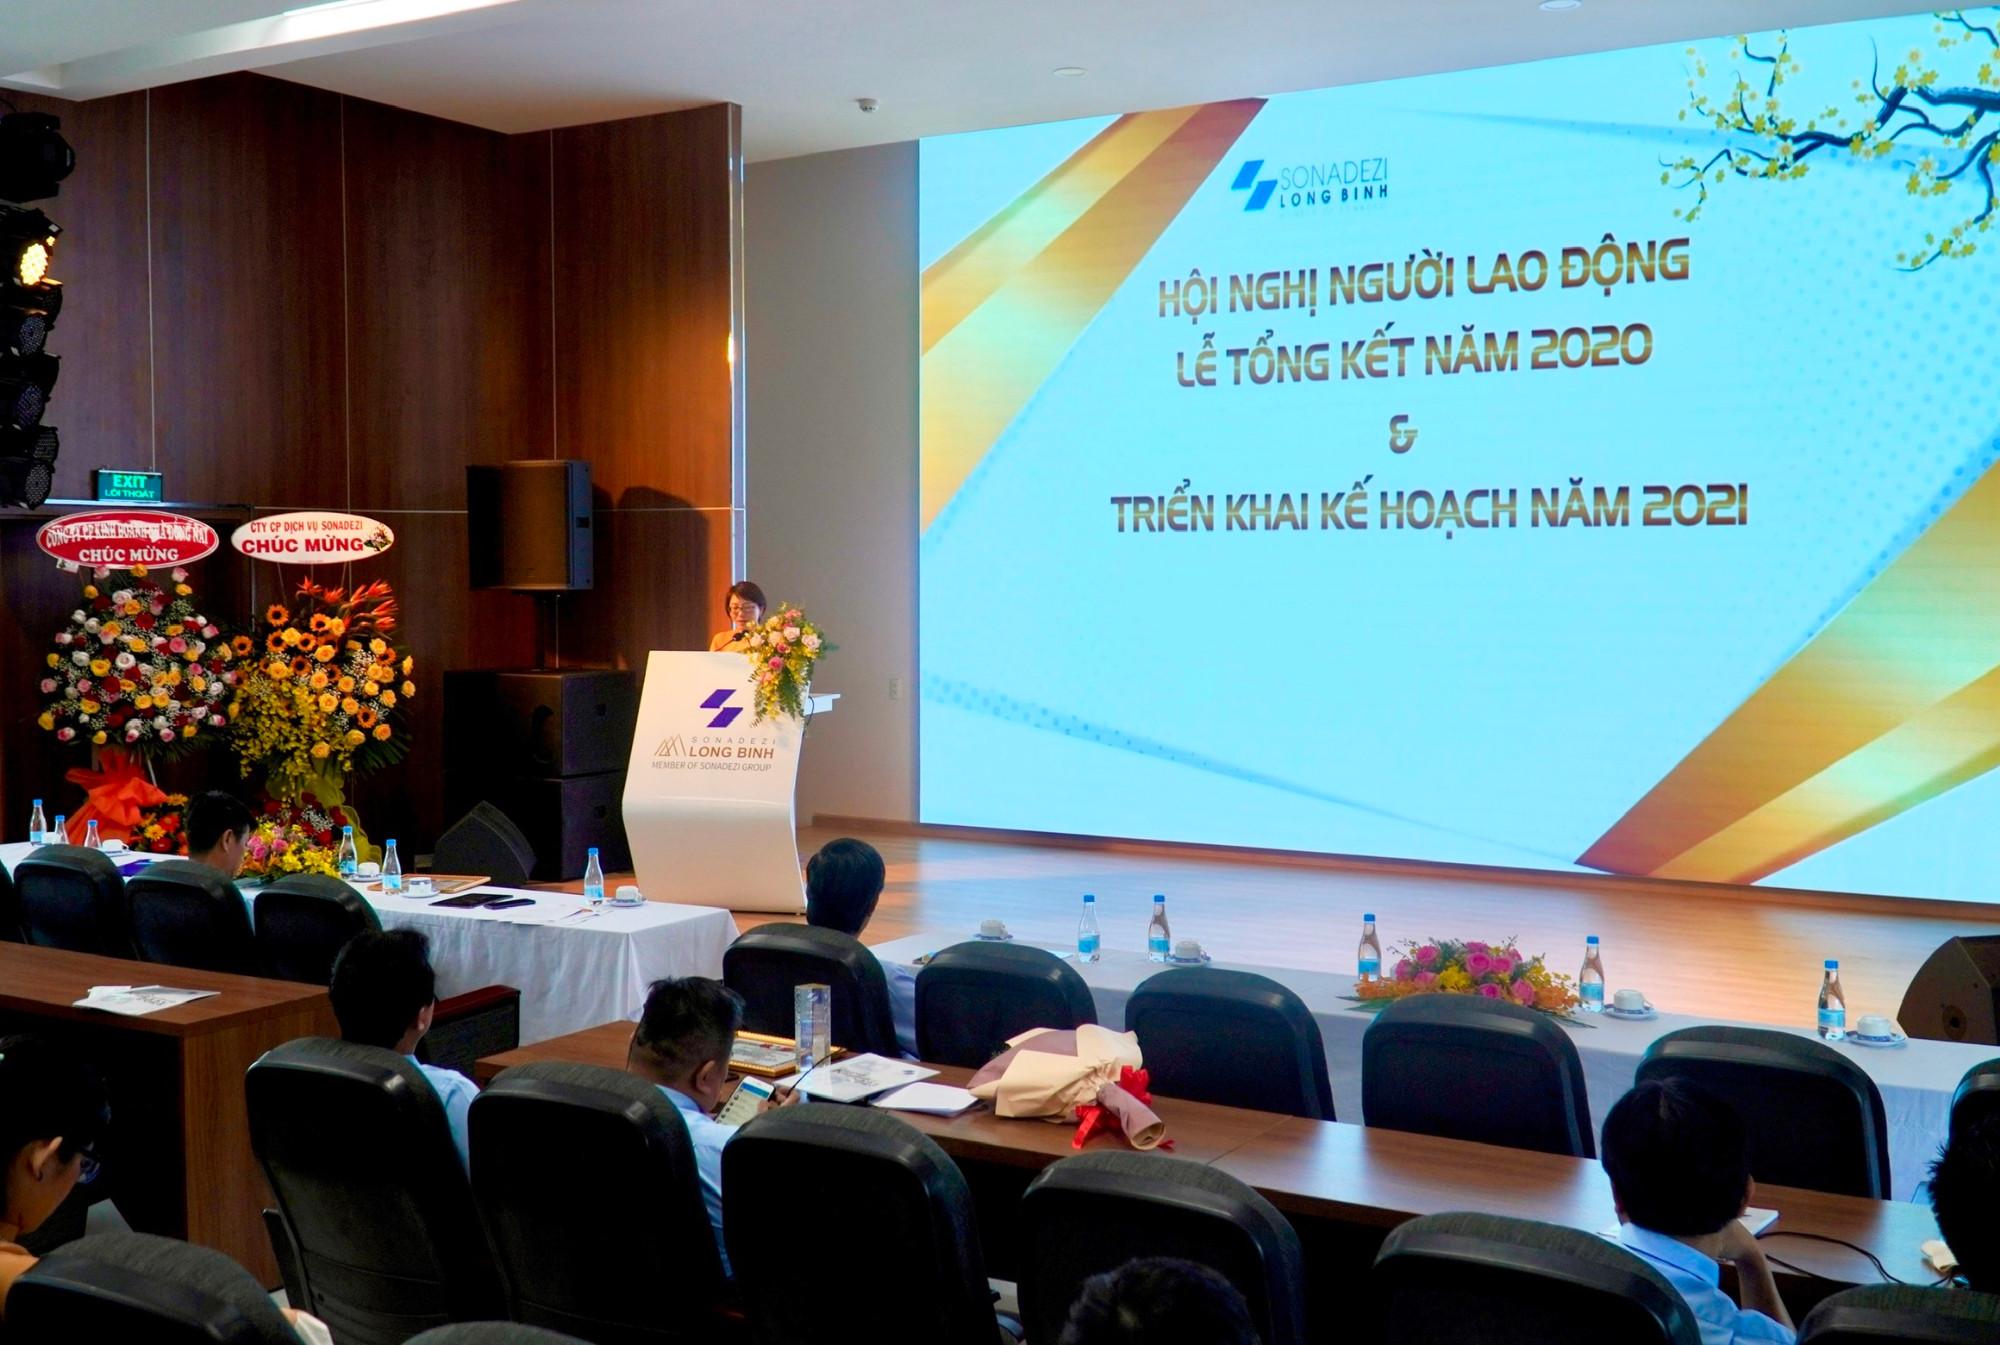 Hội nghị người lao động & Triển khai kế hoạch năm 2021 của Công ty CP Sonadezi Long Bình